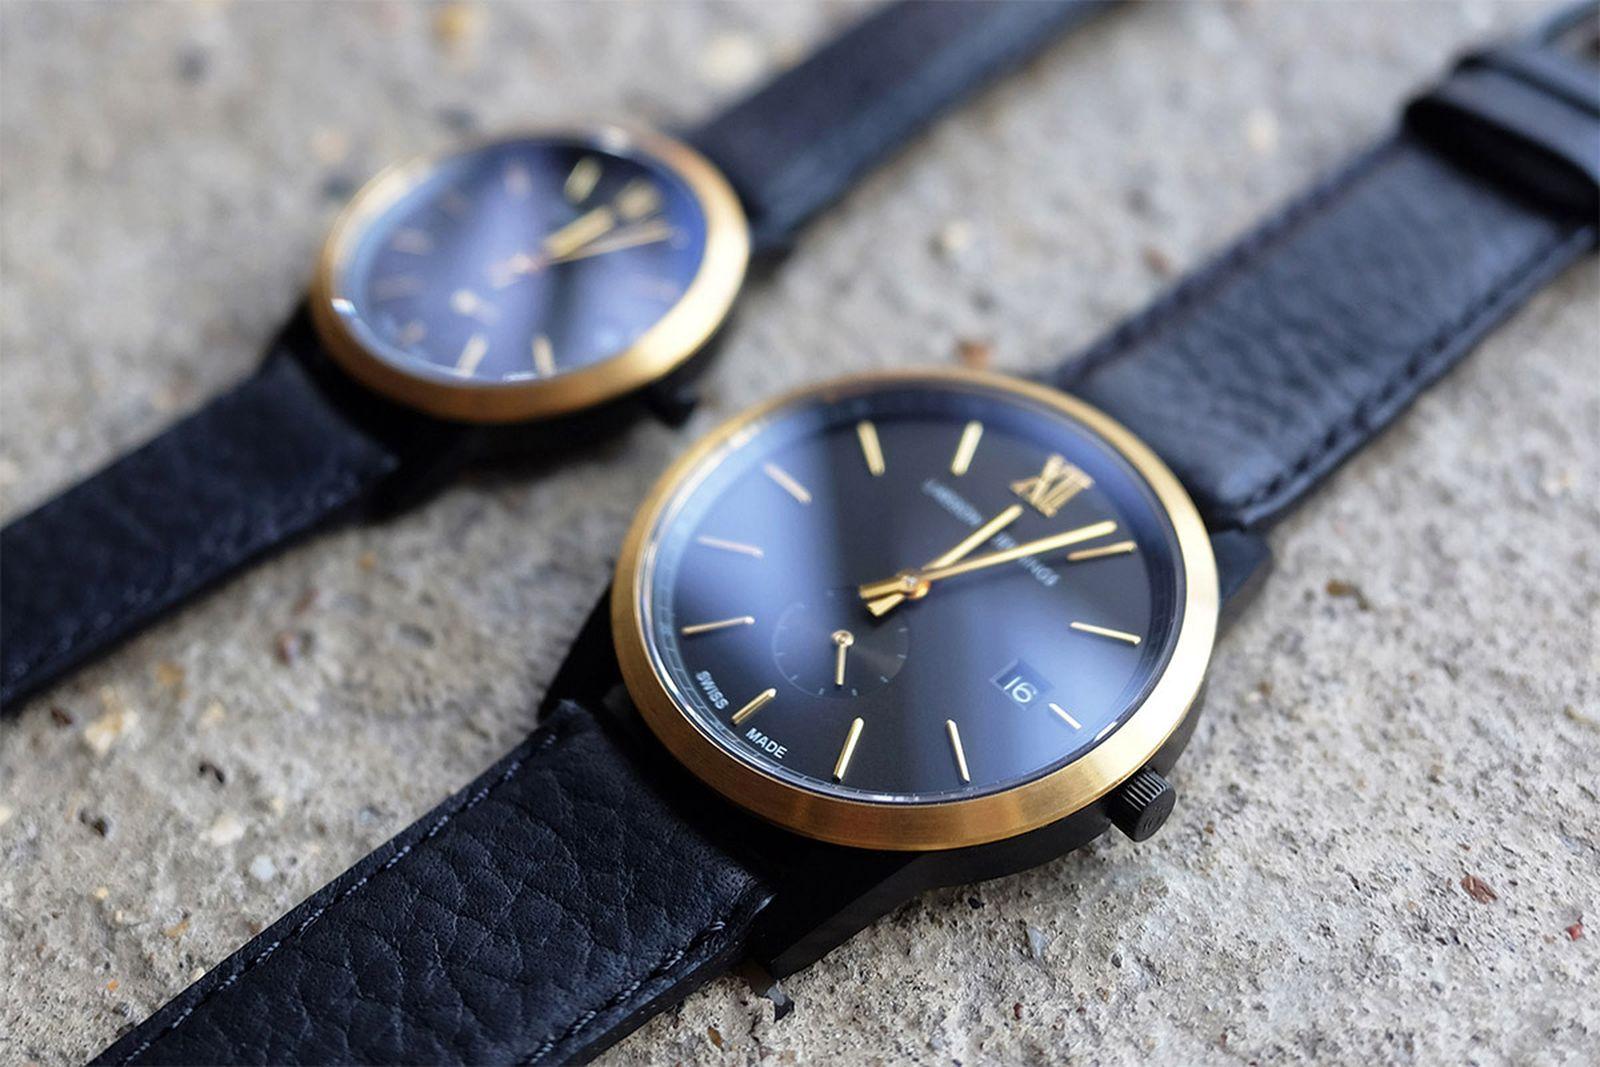 larsson-jennings-saxon-limited-edition-watch-02